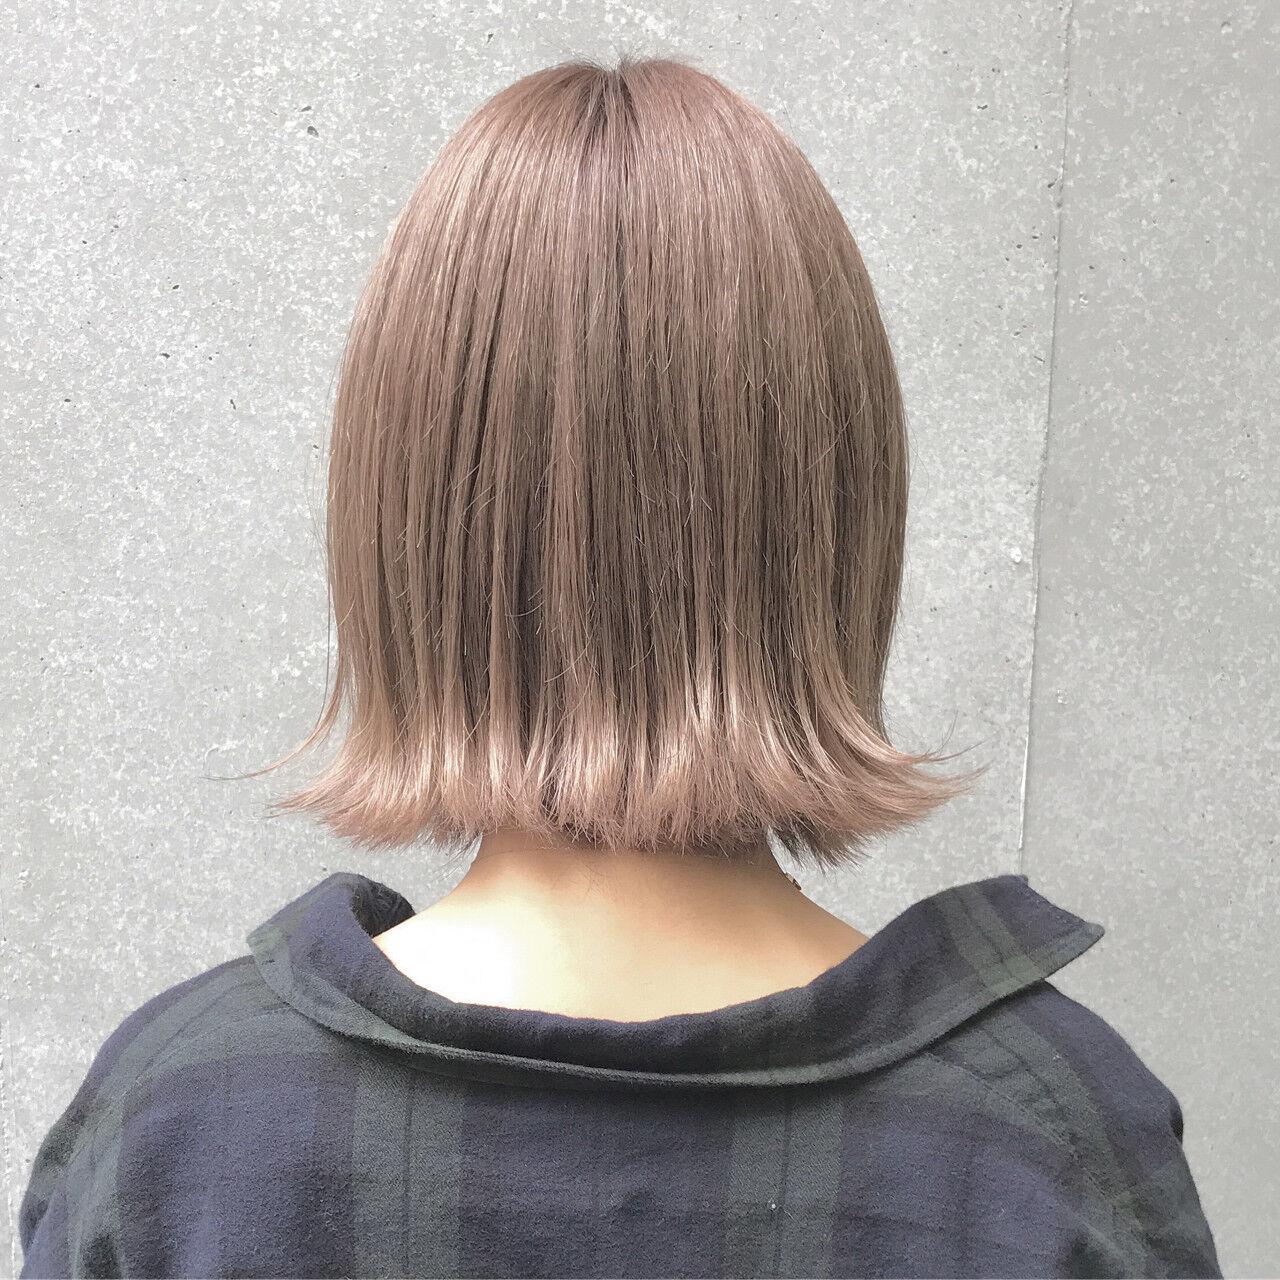 ボブ ベージュ ブリーチ 秋ヘアスタイルや髪型の写真・画像